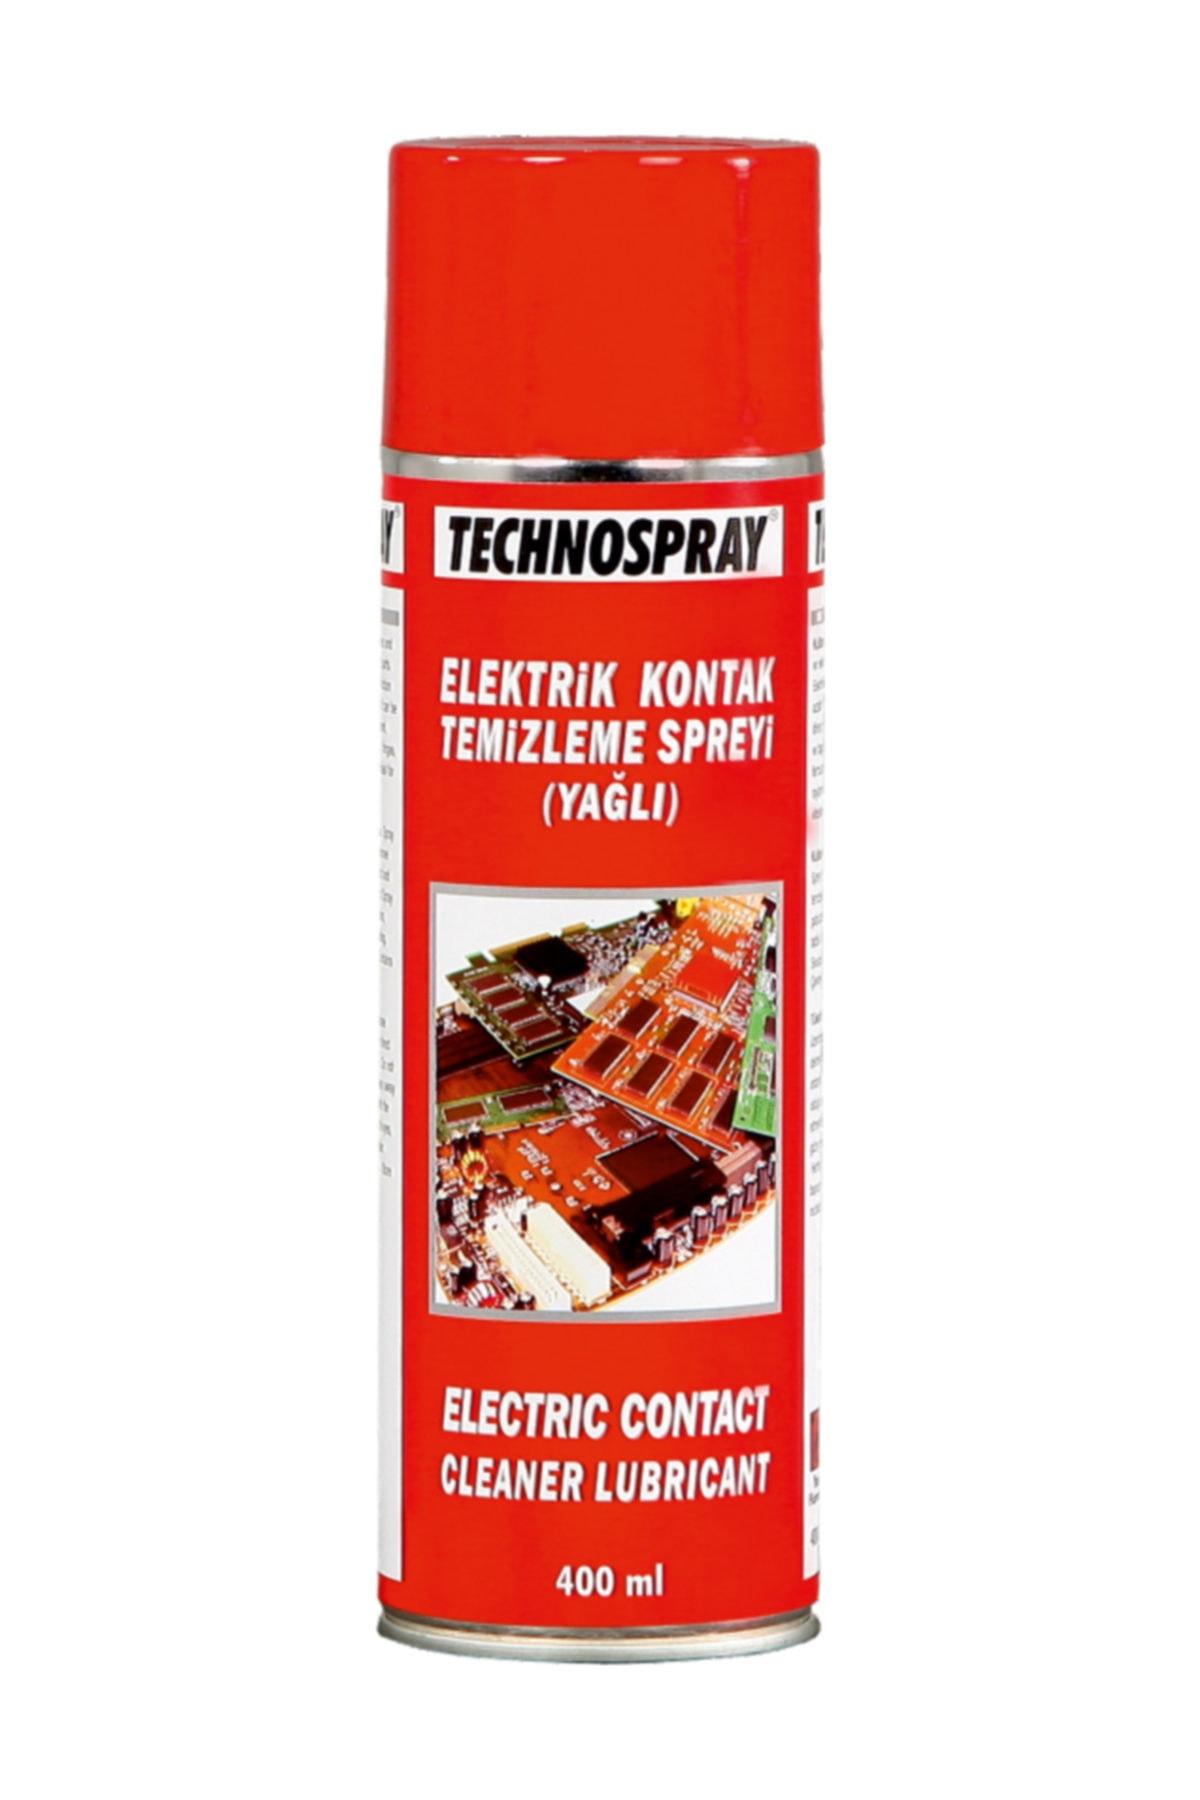 TECHNOSPRAY Elektrik Kontak Spreyi ( Yağlı ) 400 Ml. 1